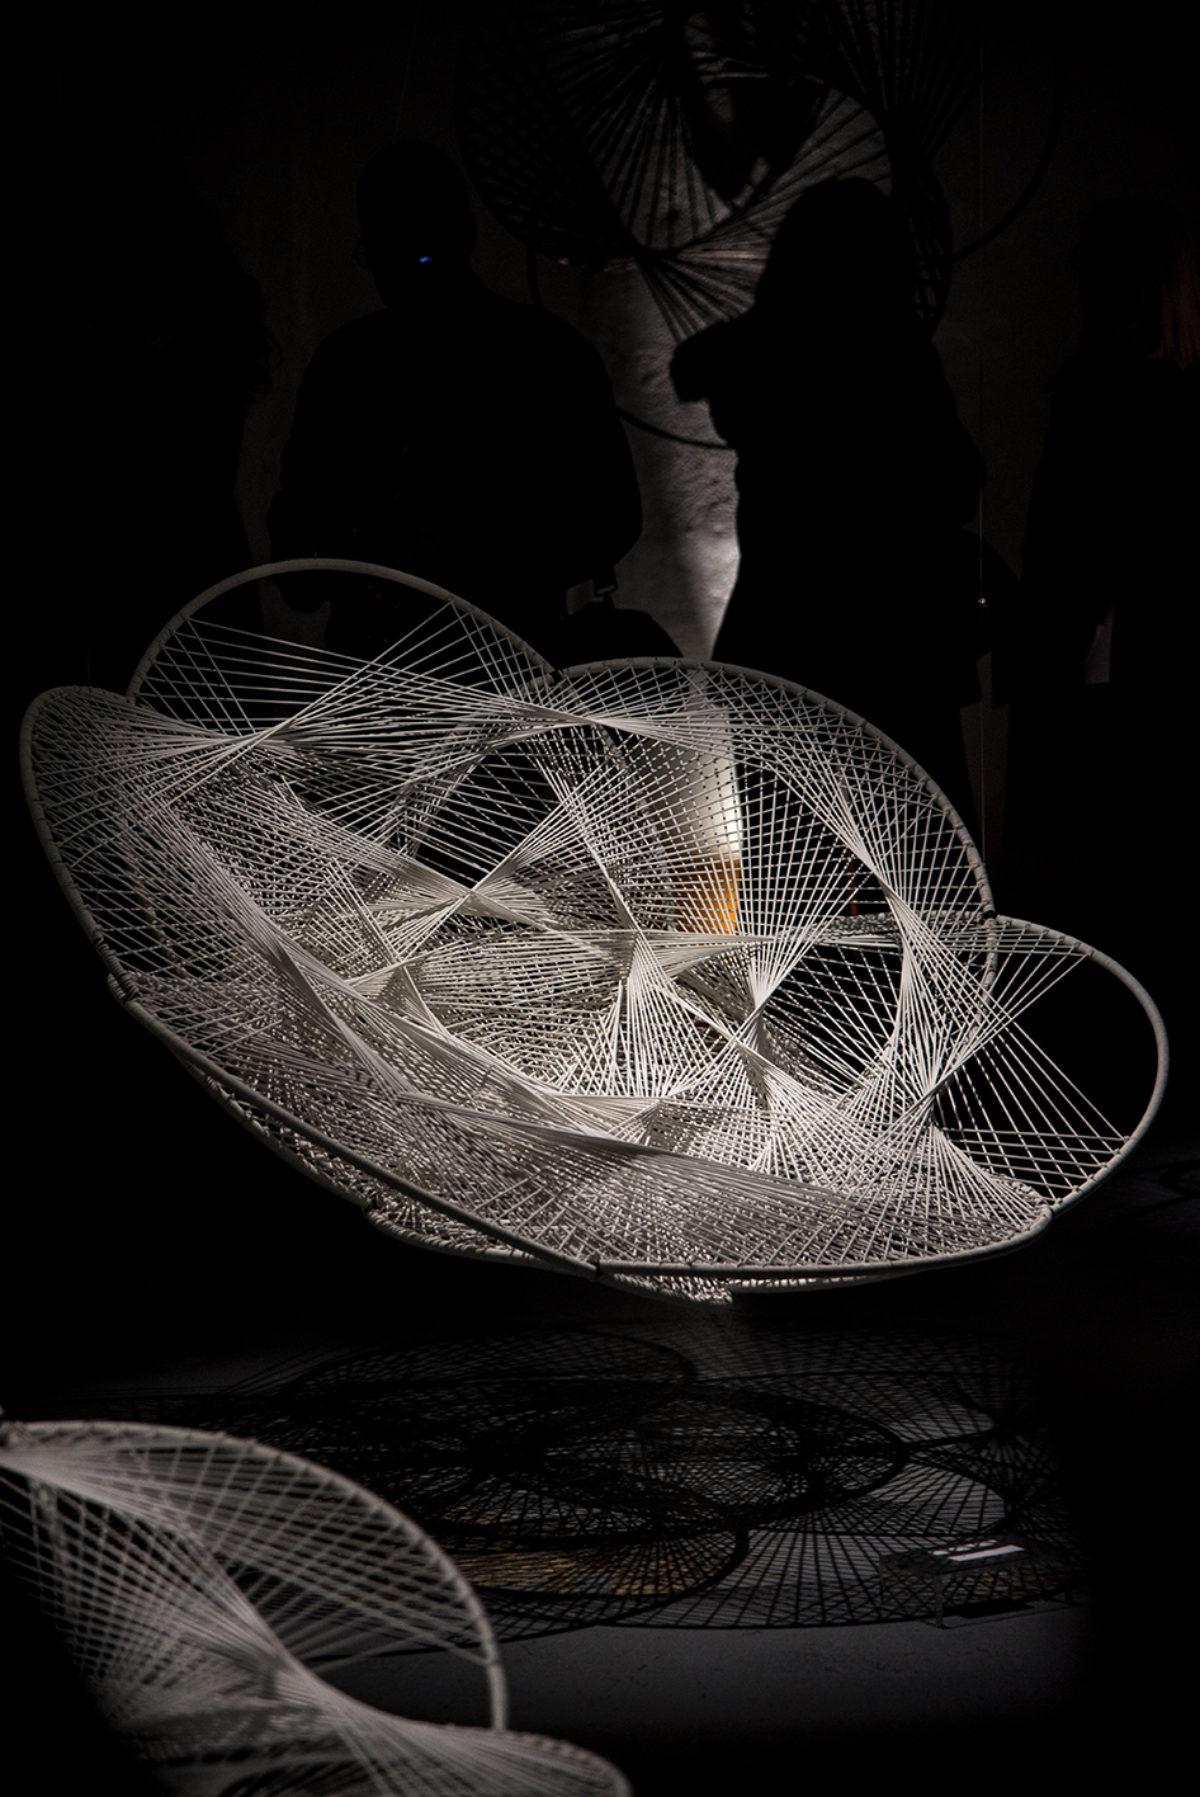 """Έκθεση της αρχιτέκτονος Παγώνα Κανέλλου με τίτλο: """"Διλήμματα: για να φτάσεις εκεί από όπου ξεκίνησες"""", πολιτιστικός χώρος Τ.Α.F./The Art Foundation, 9-14 Οκτωβρίου 2019"""